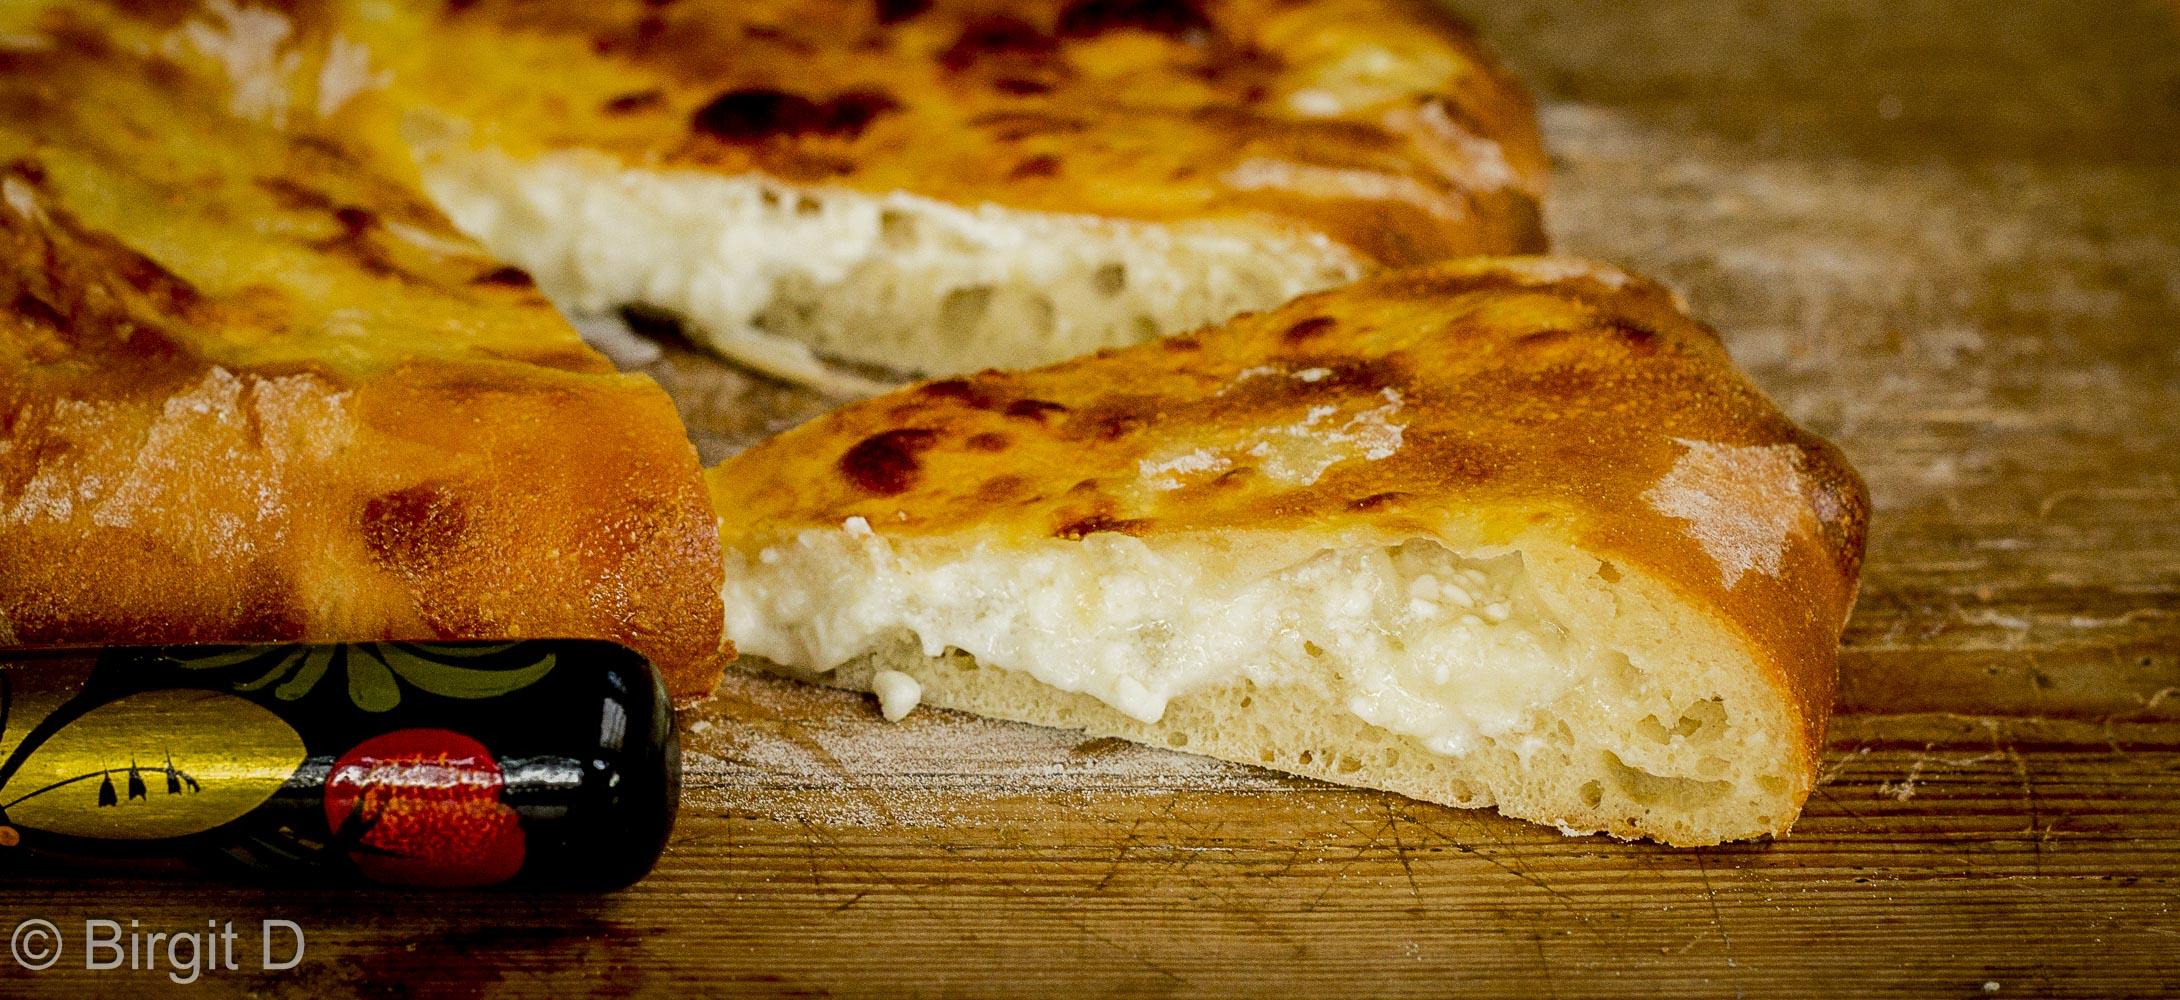 Brote aus aller Welt: Chatschapuri, georgisches Käsefladenbrot